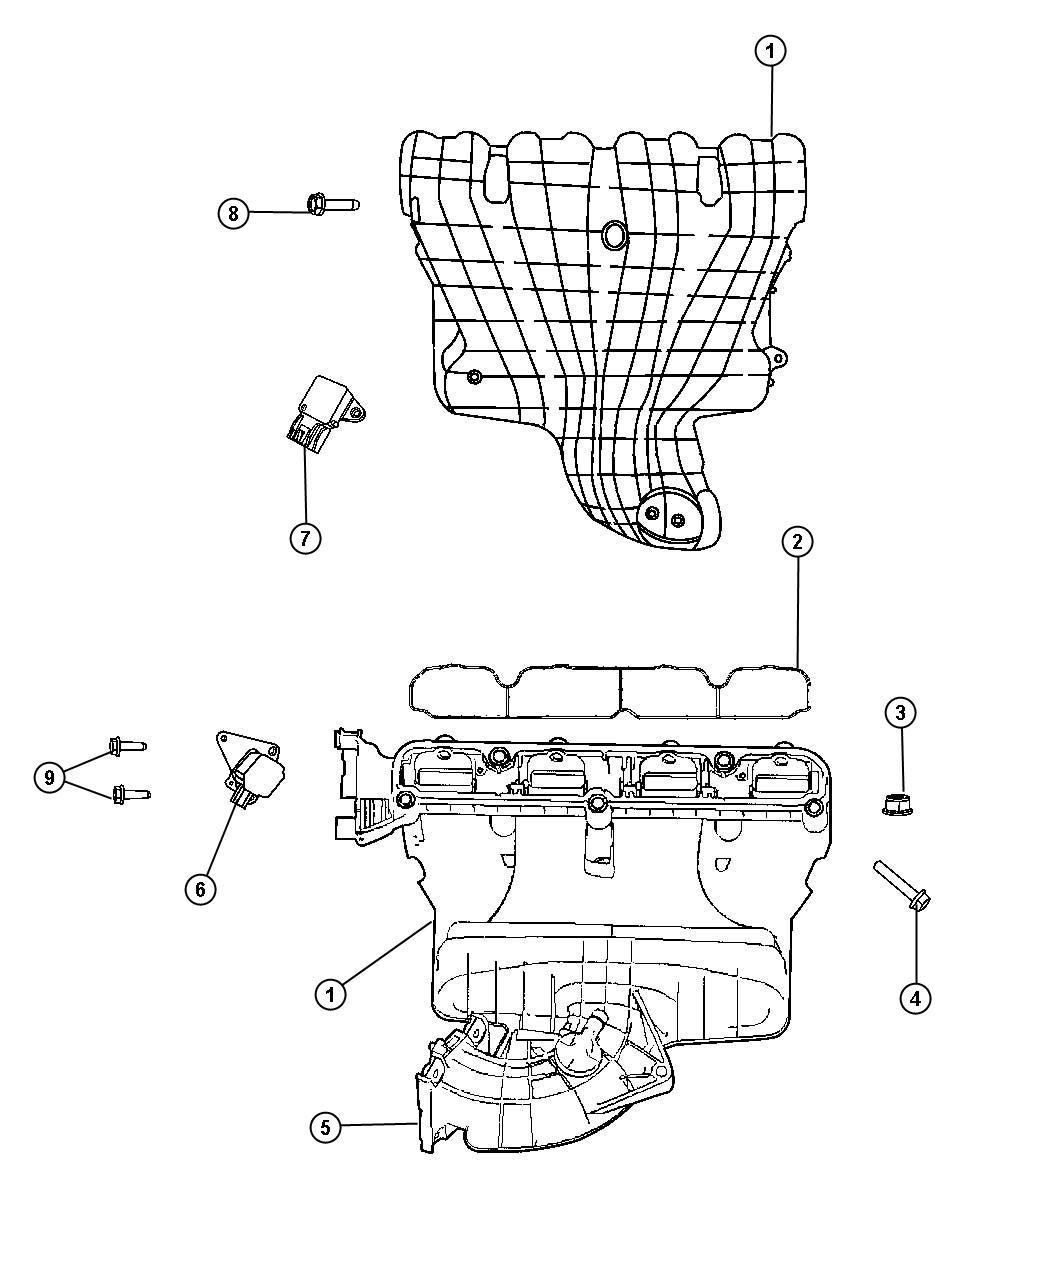 Jeep Patriot Manifold. Intake. Pzev, vvt, engine